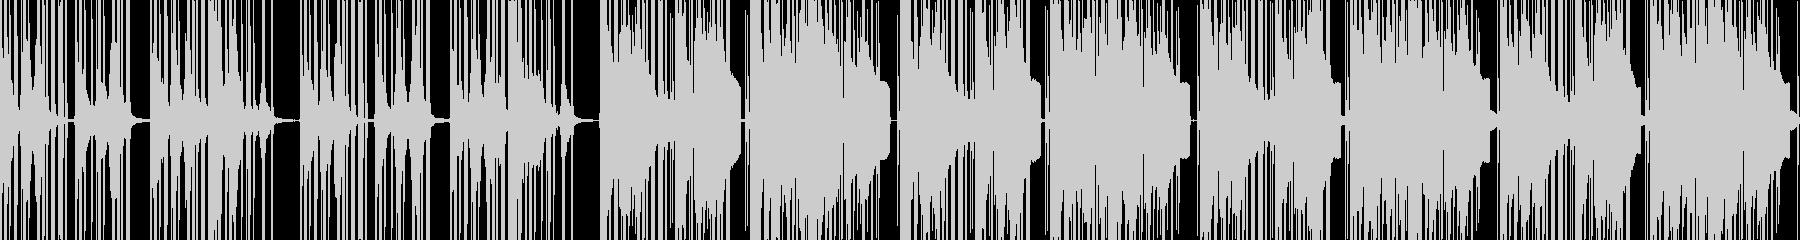 リズムの良いダークなトラップの未再生の波形